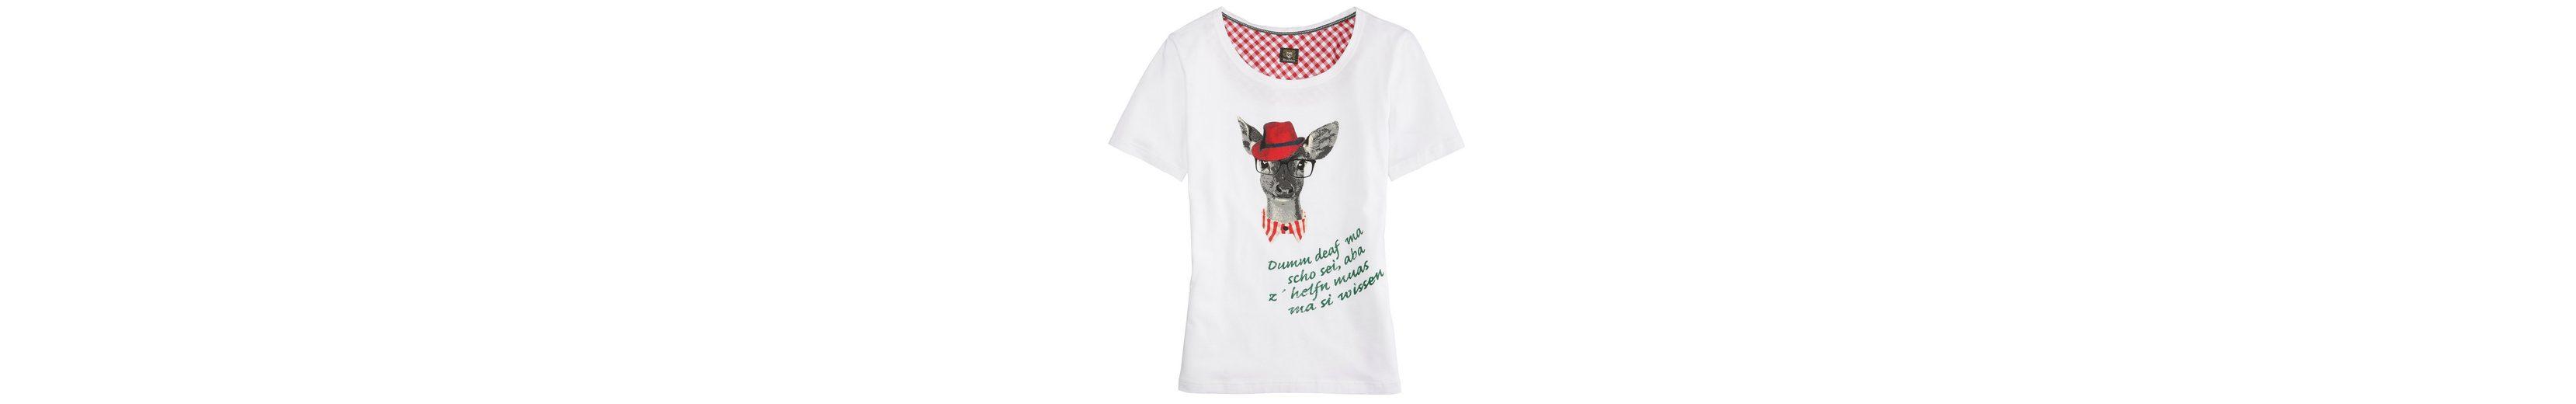 OS-Trachten Trachtenshirt Damen mit Reh-Motiv Mit Mastercard Online Jb8ps0LcUm